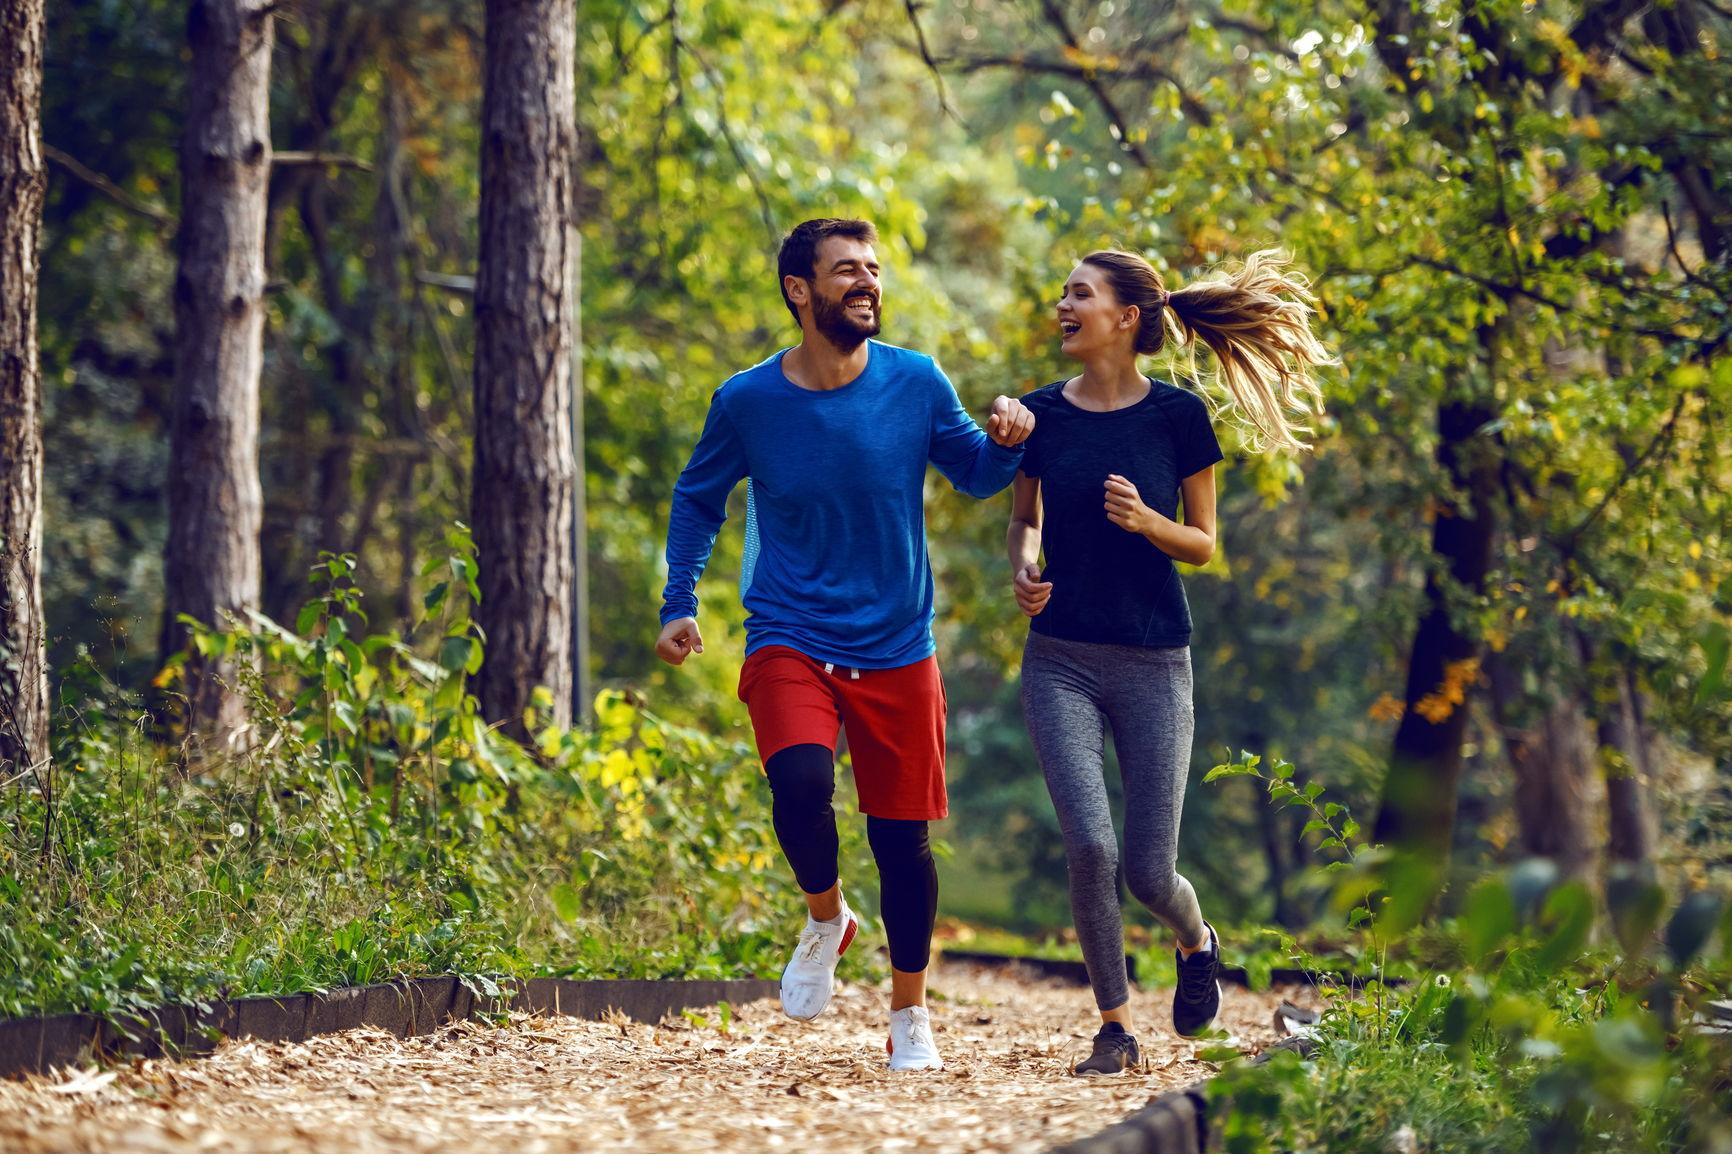 ikke ned i vekt uten fysisk aktivitet